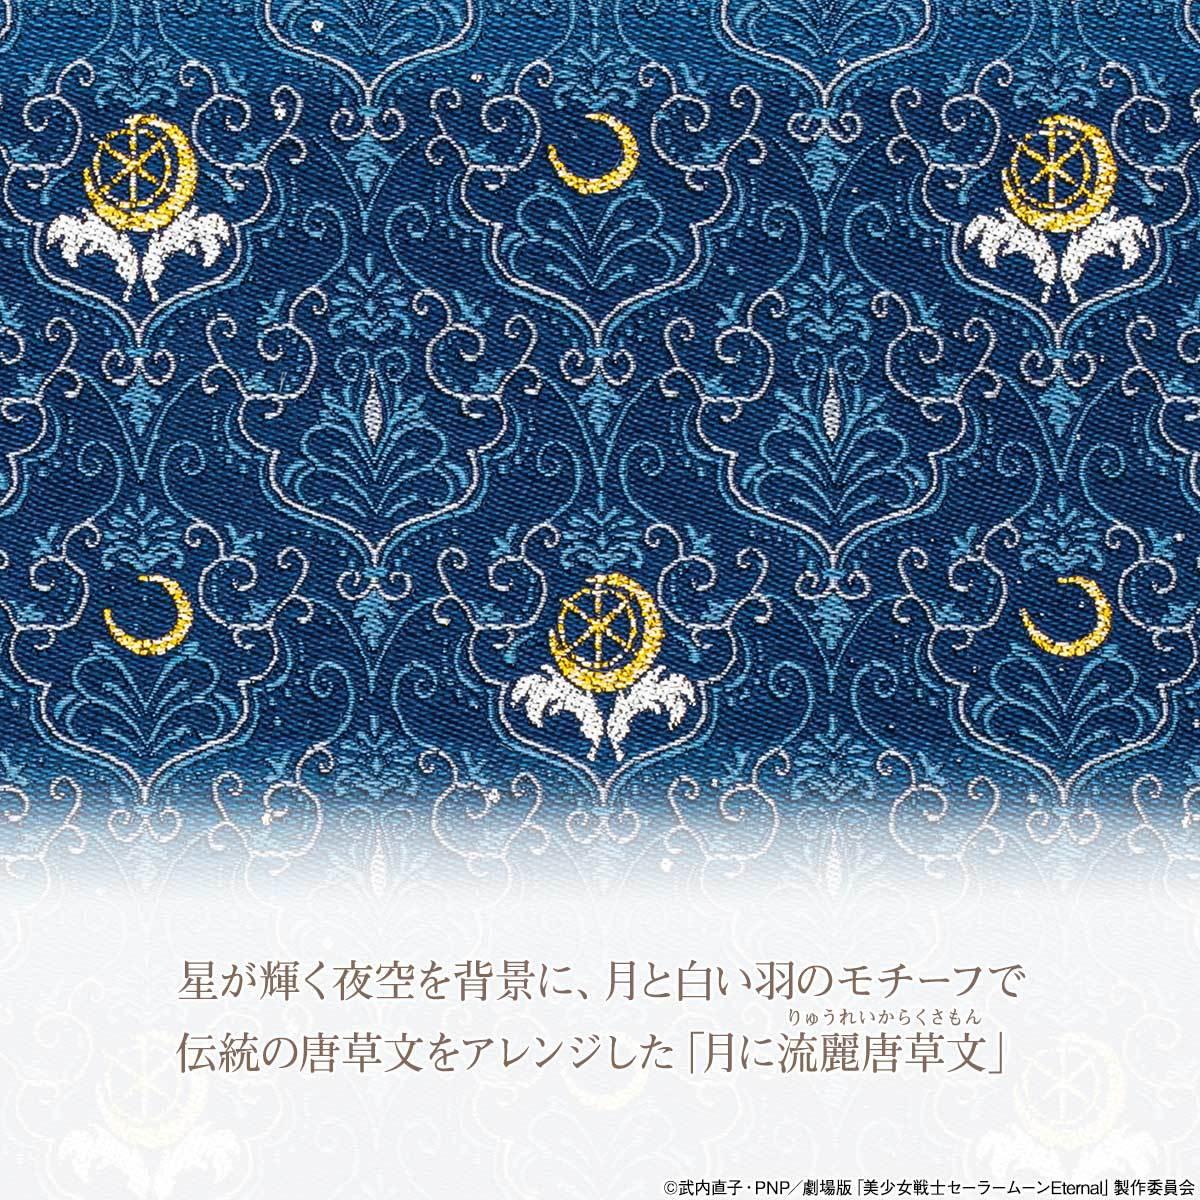 星が輝く夜空を背景に、月と白い羽のモチーフで伝統の唐草文をアレンジした「月に流麗唐草文」